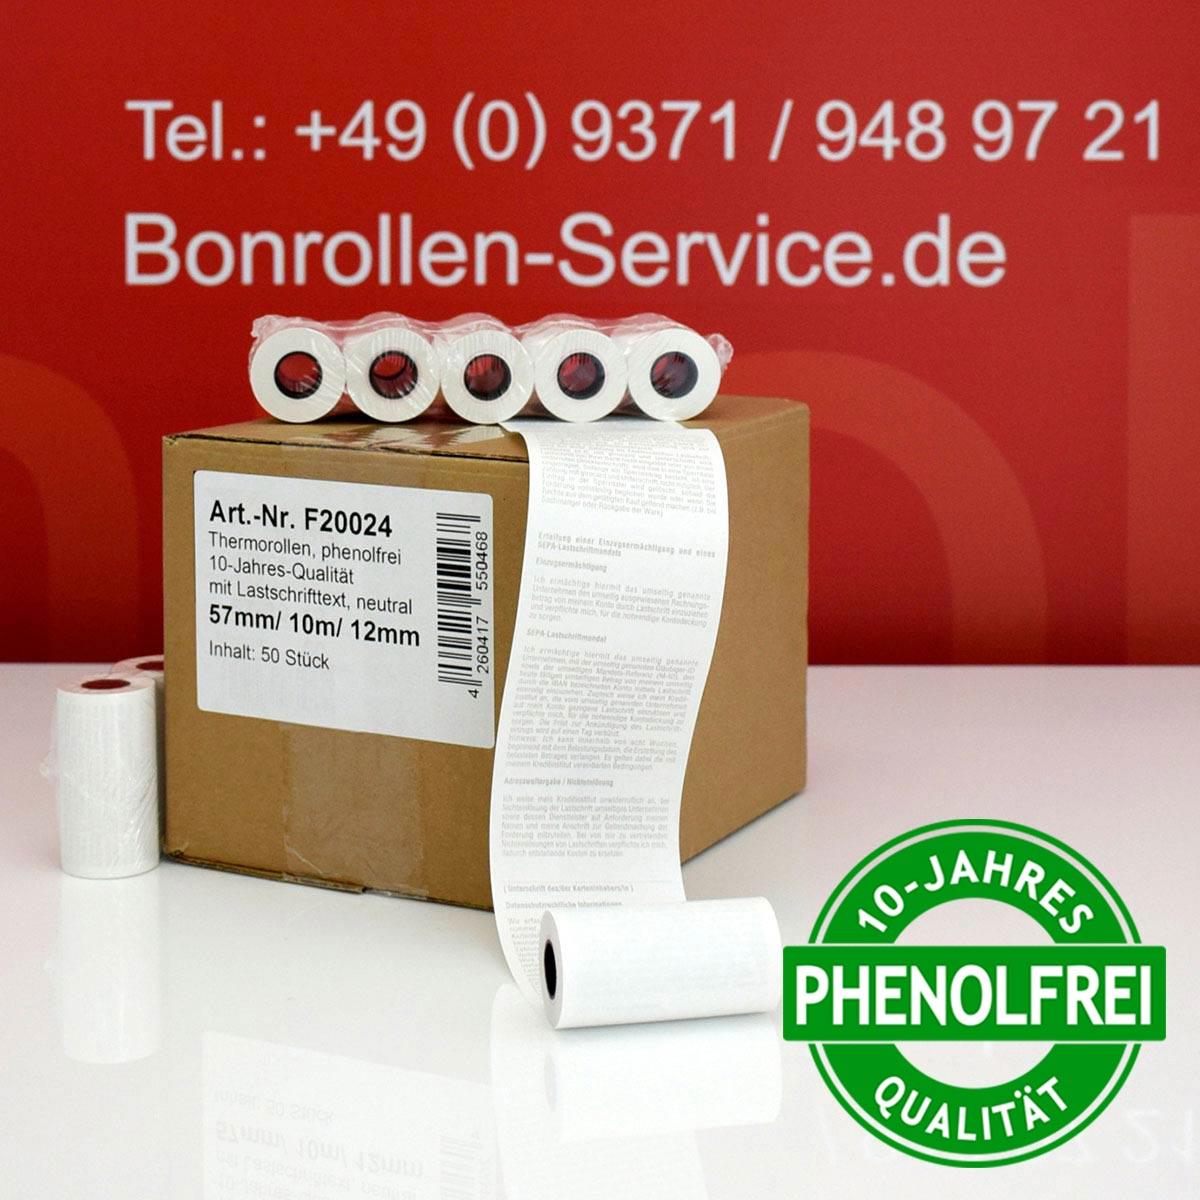 EC-Thermorollen 57 / 10m / 12 weiß mit SEPA-Text (10-Jahres-Qualität, phenolfrei)